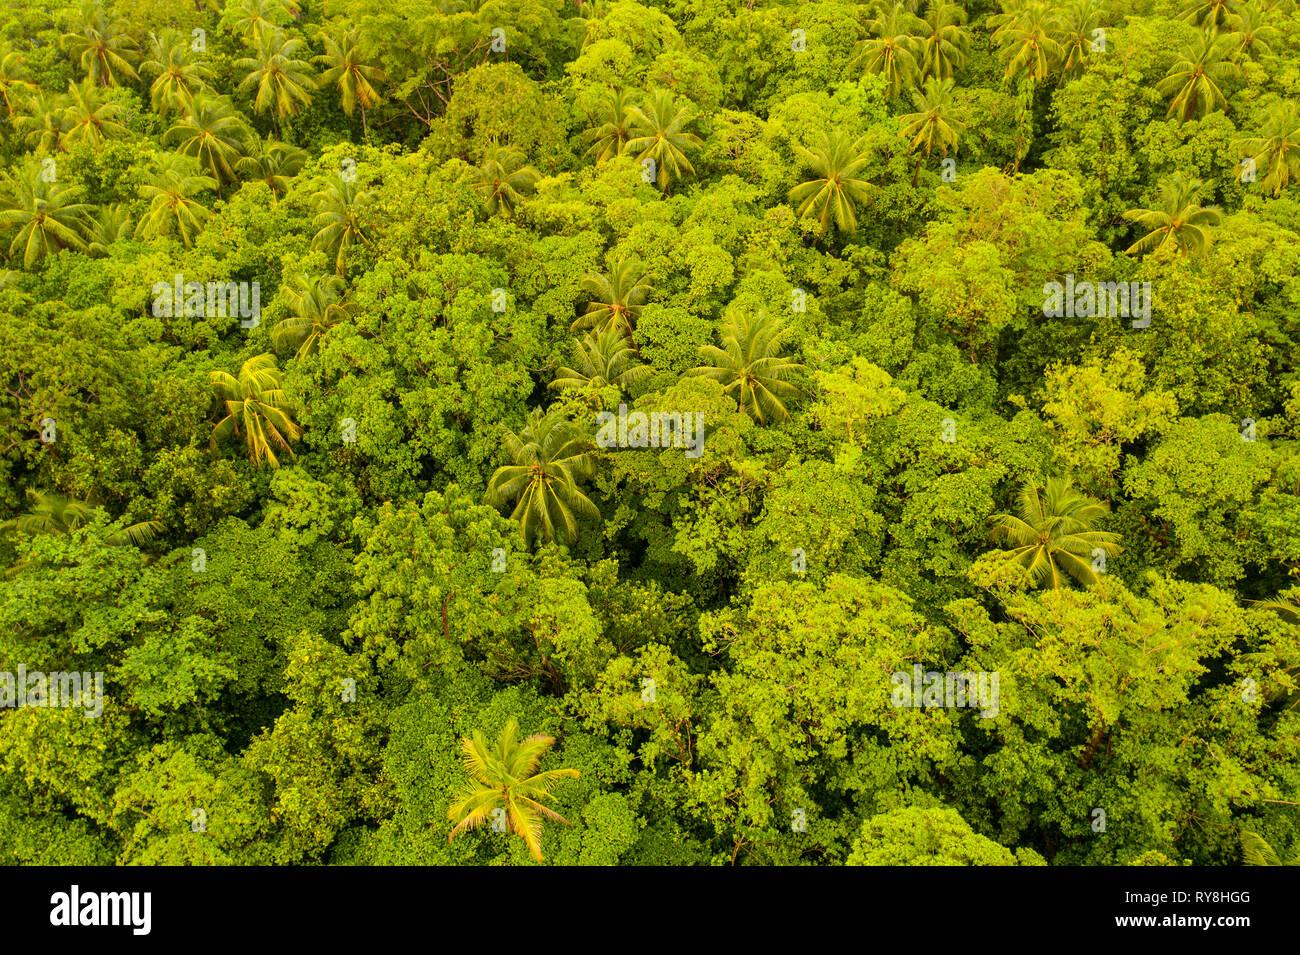 Luftaufnahme des üppigen Regenwaldes in Papua-neuguinea. Diese Region birgt außergewöhnliche Artenvielfalt. Stockbild